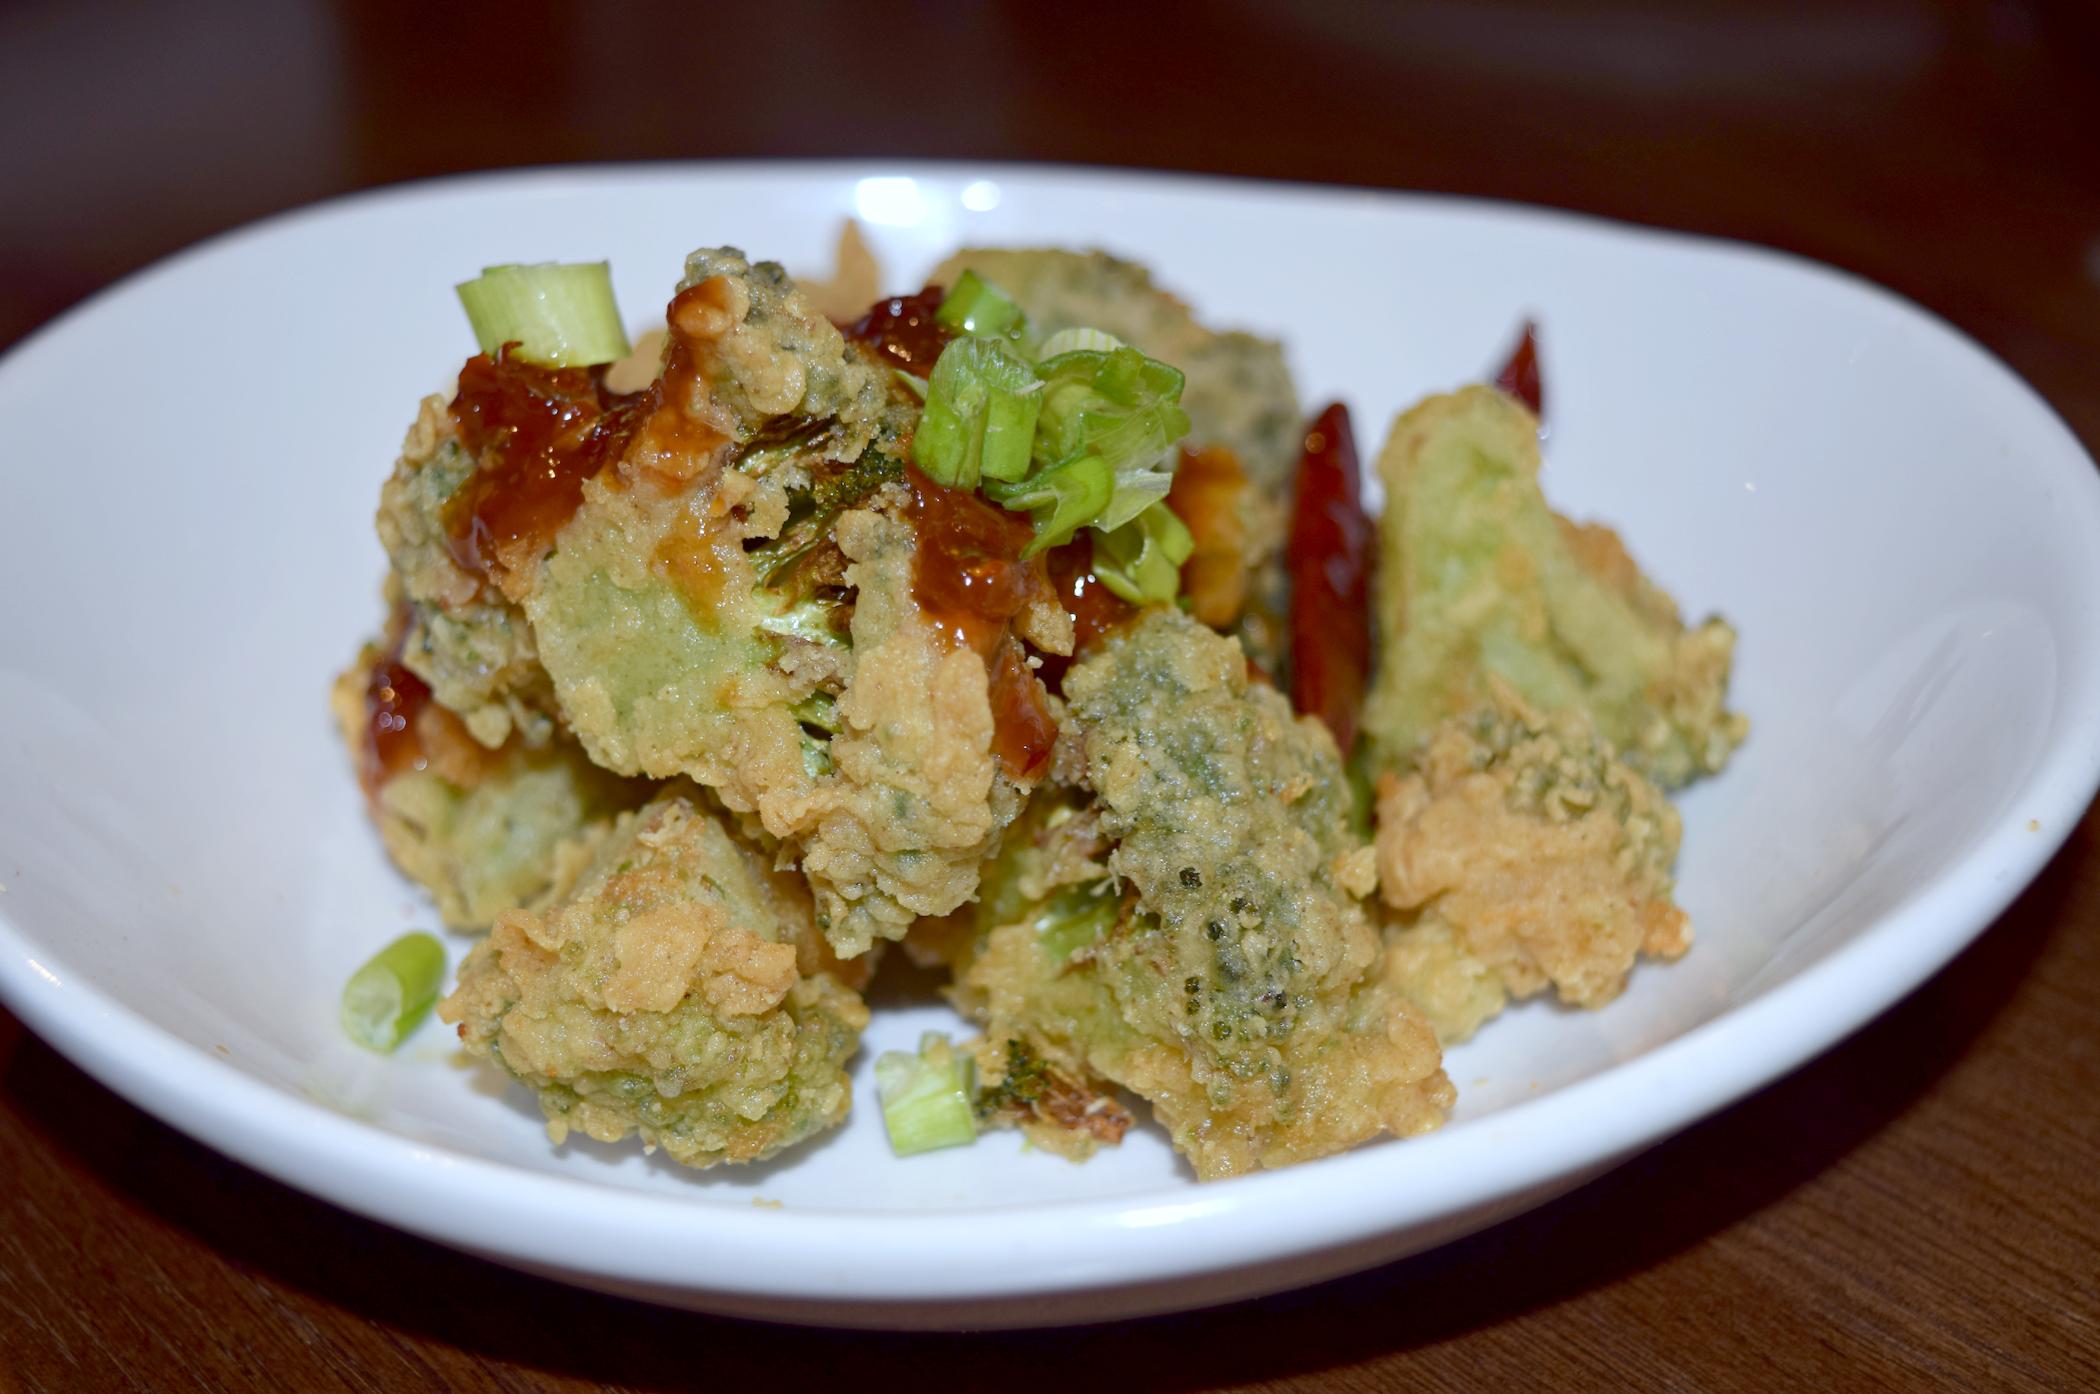 Dragon Broccoli appetizer @ Red Lobster - Manassas, Virginia